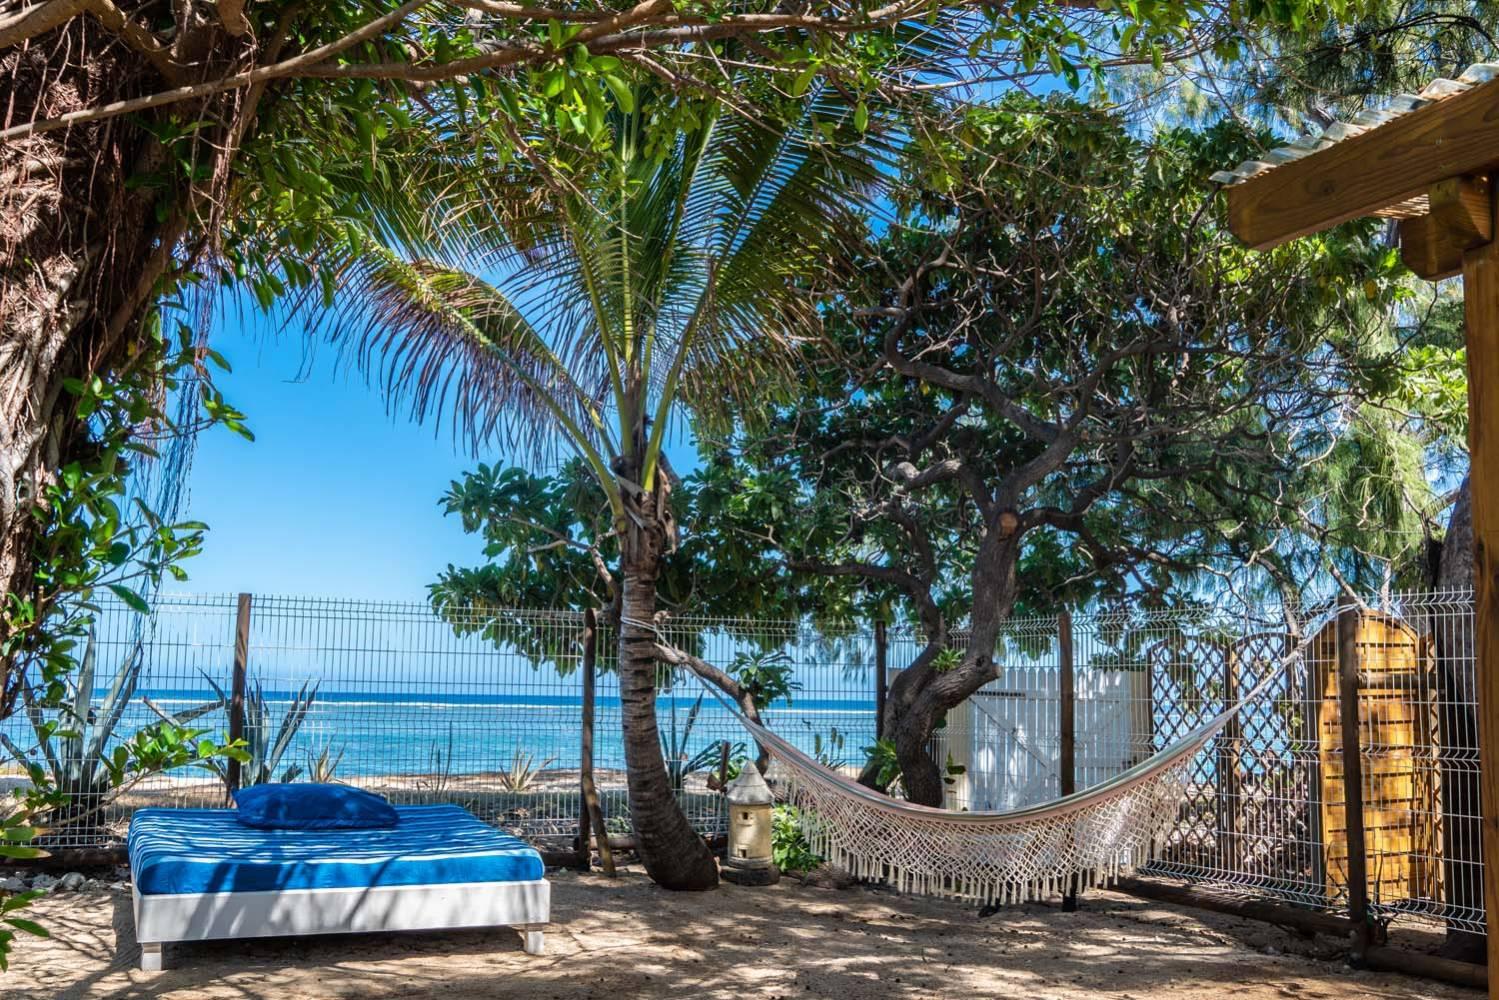 La Perle Rare locations saisonnière située à La Saline les Bains Reunion